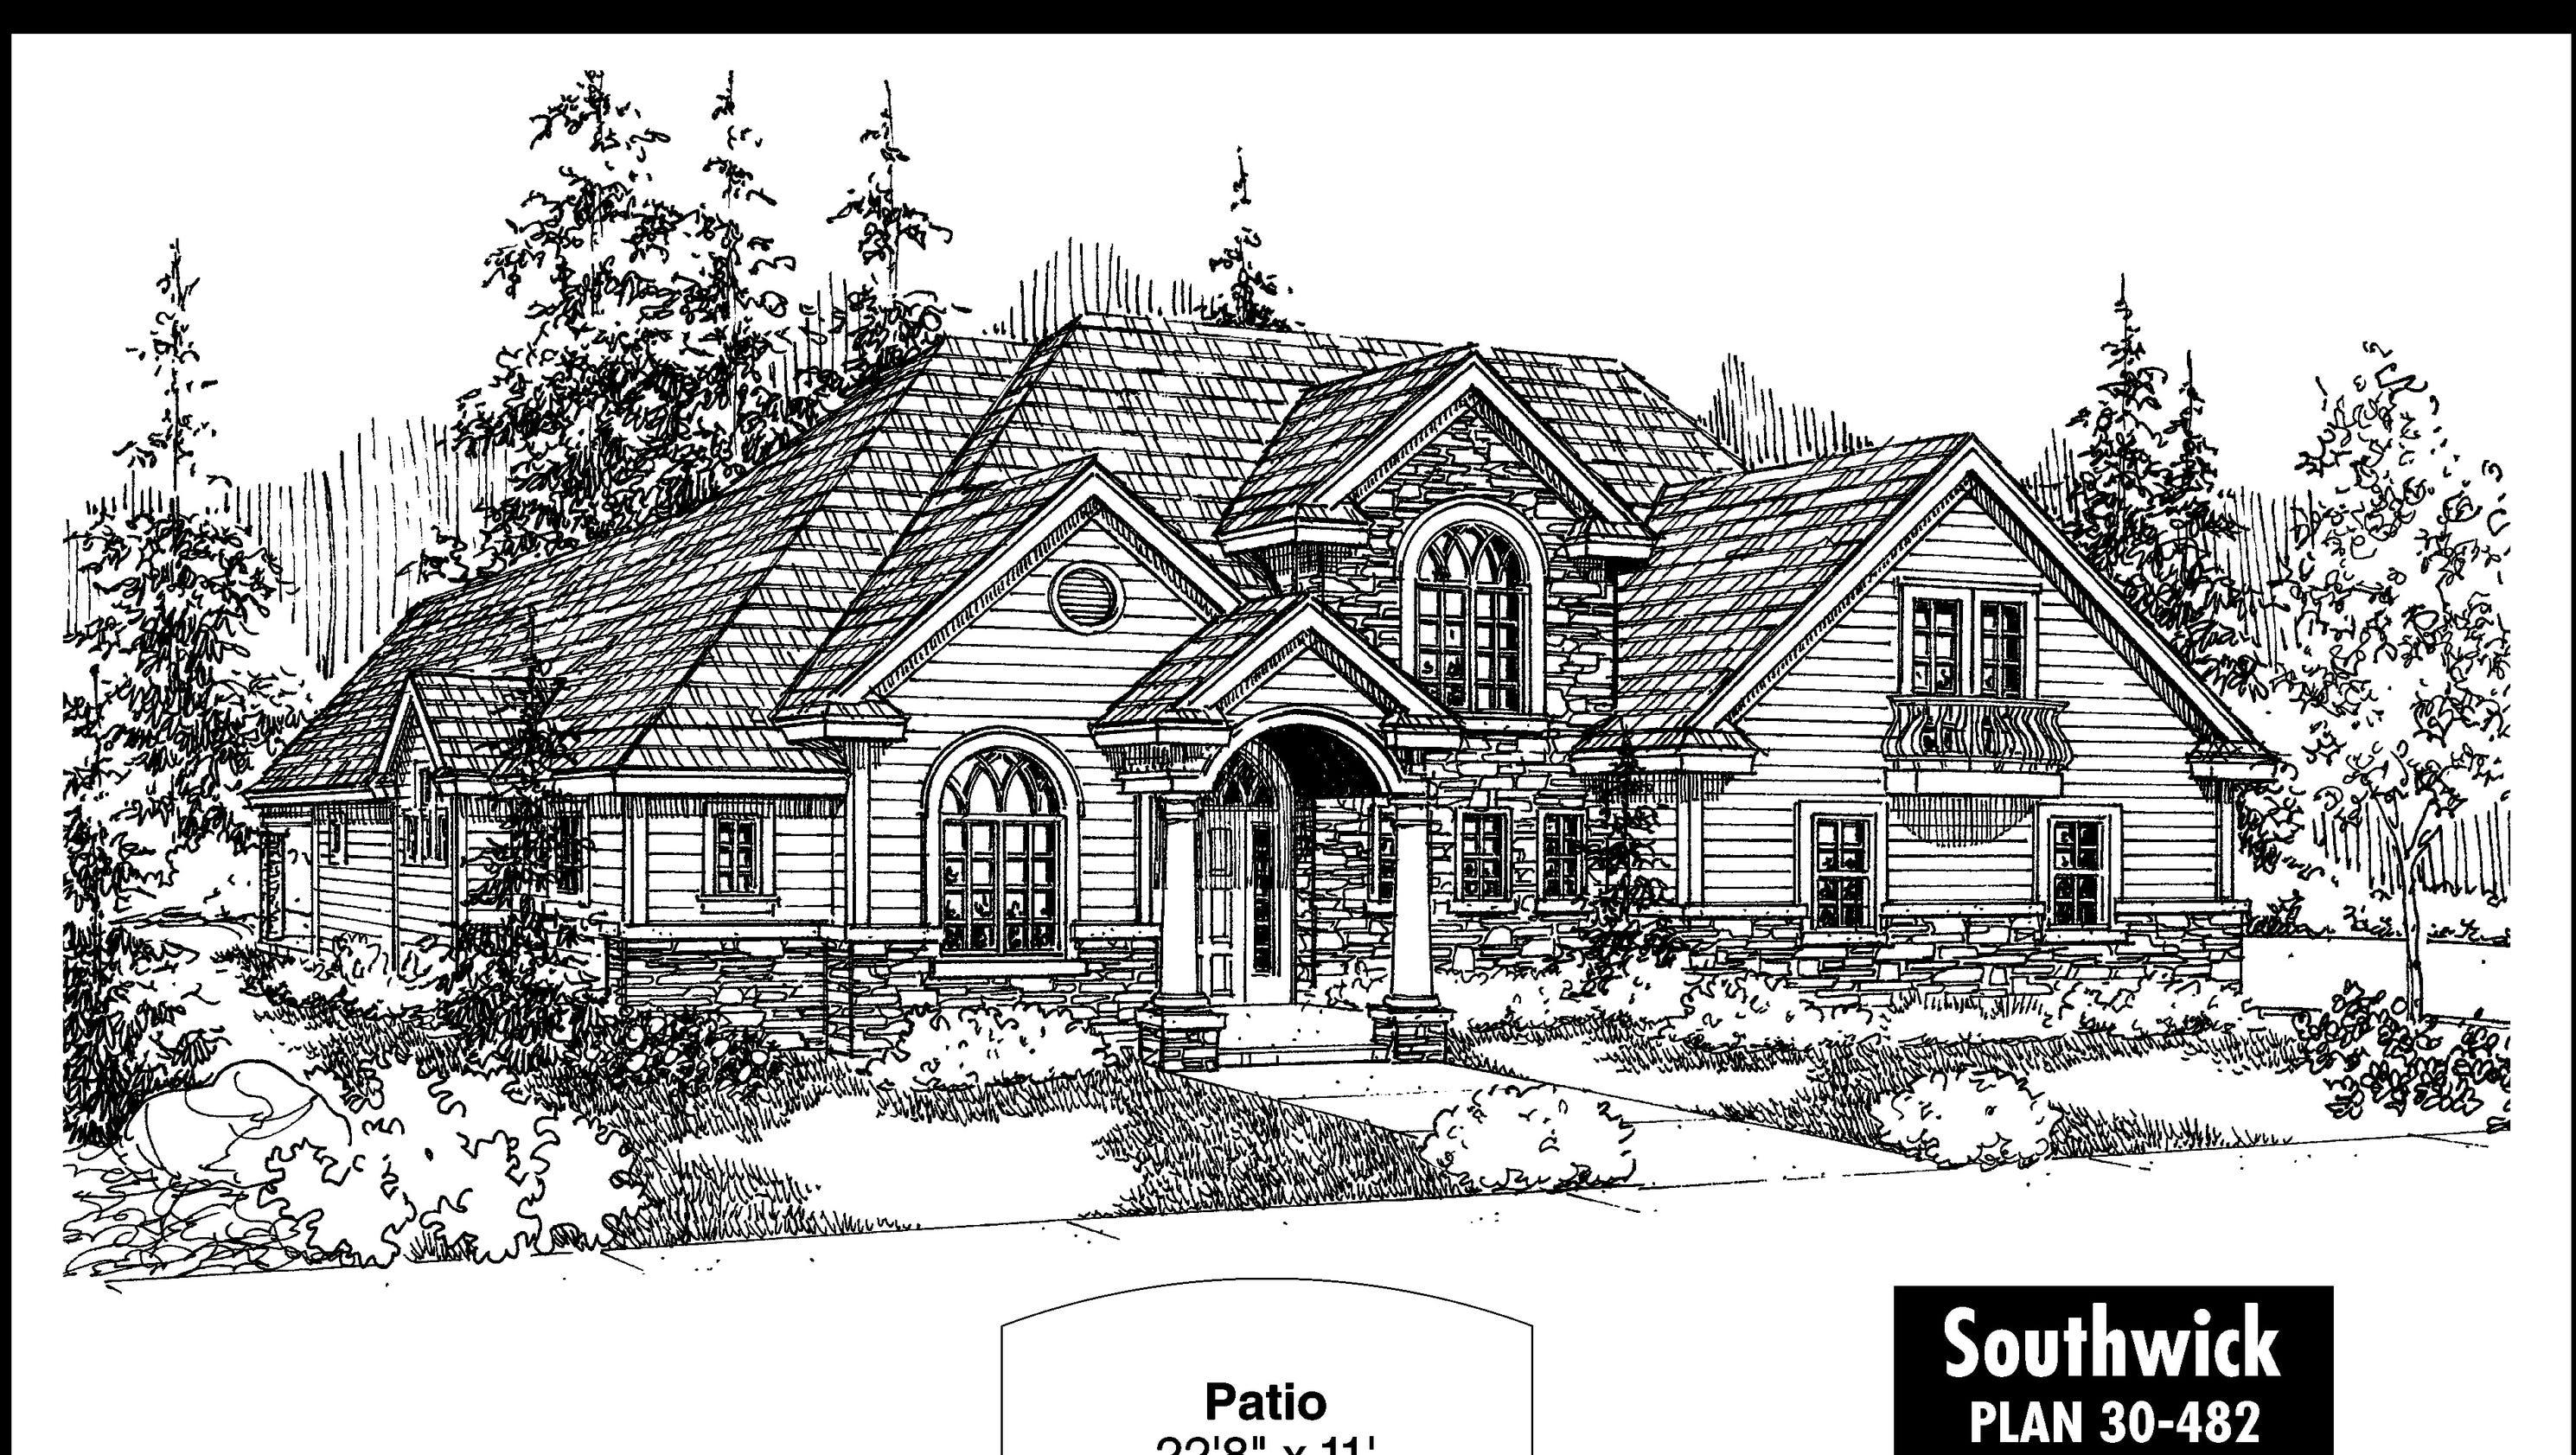 Southwick House Plan